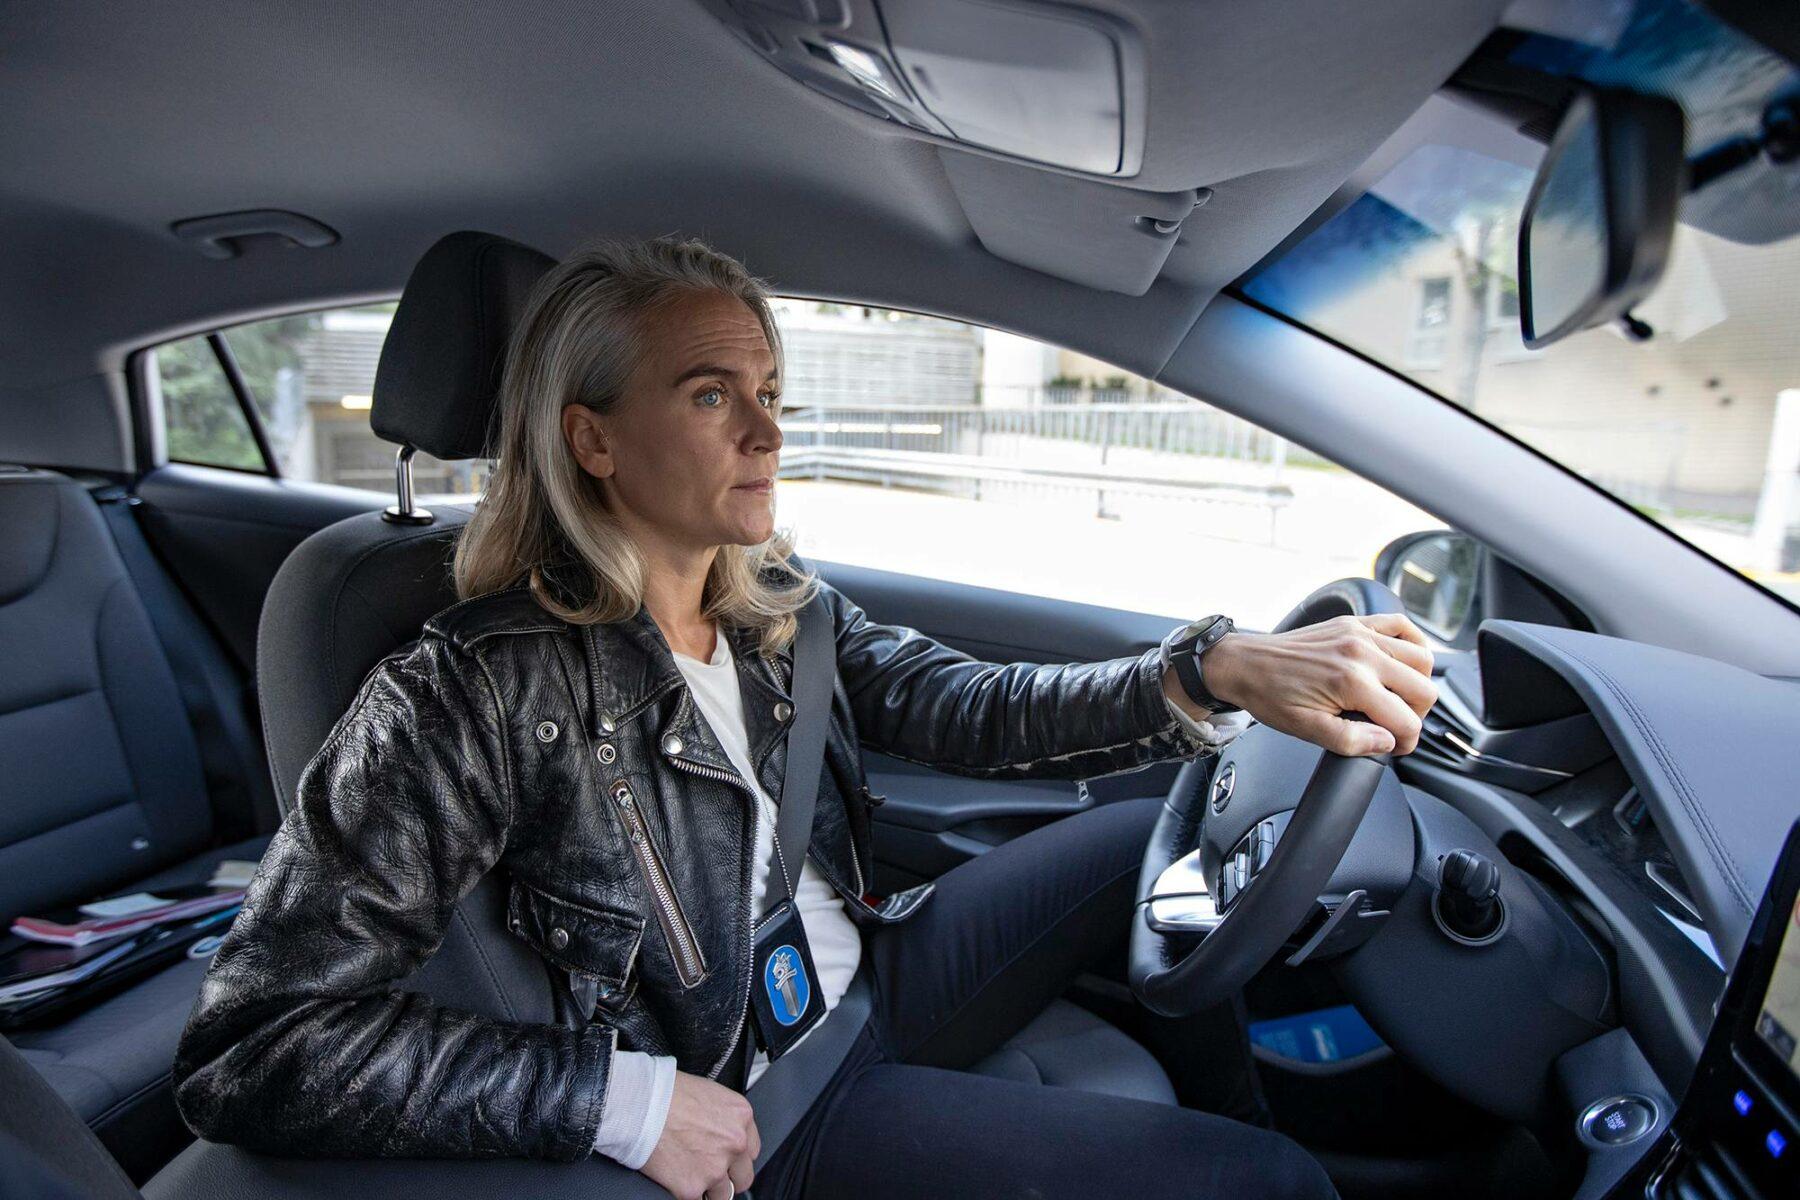 Vanhempi konstapeli Kristiina Komulainen liikkuu virka-autolla tapaamassa asiakkaita.